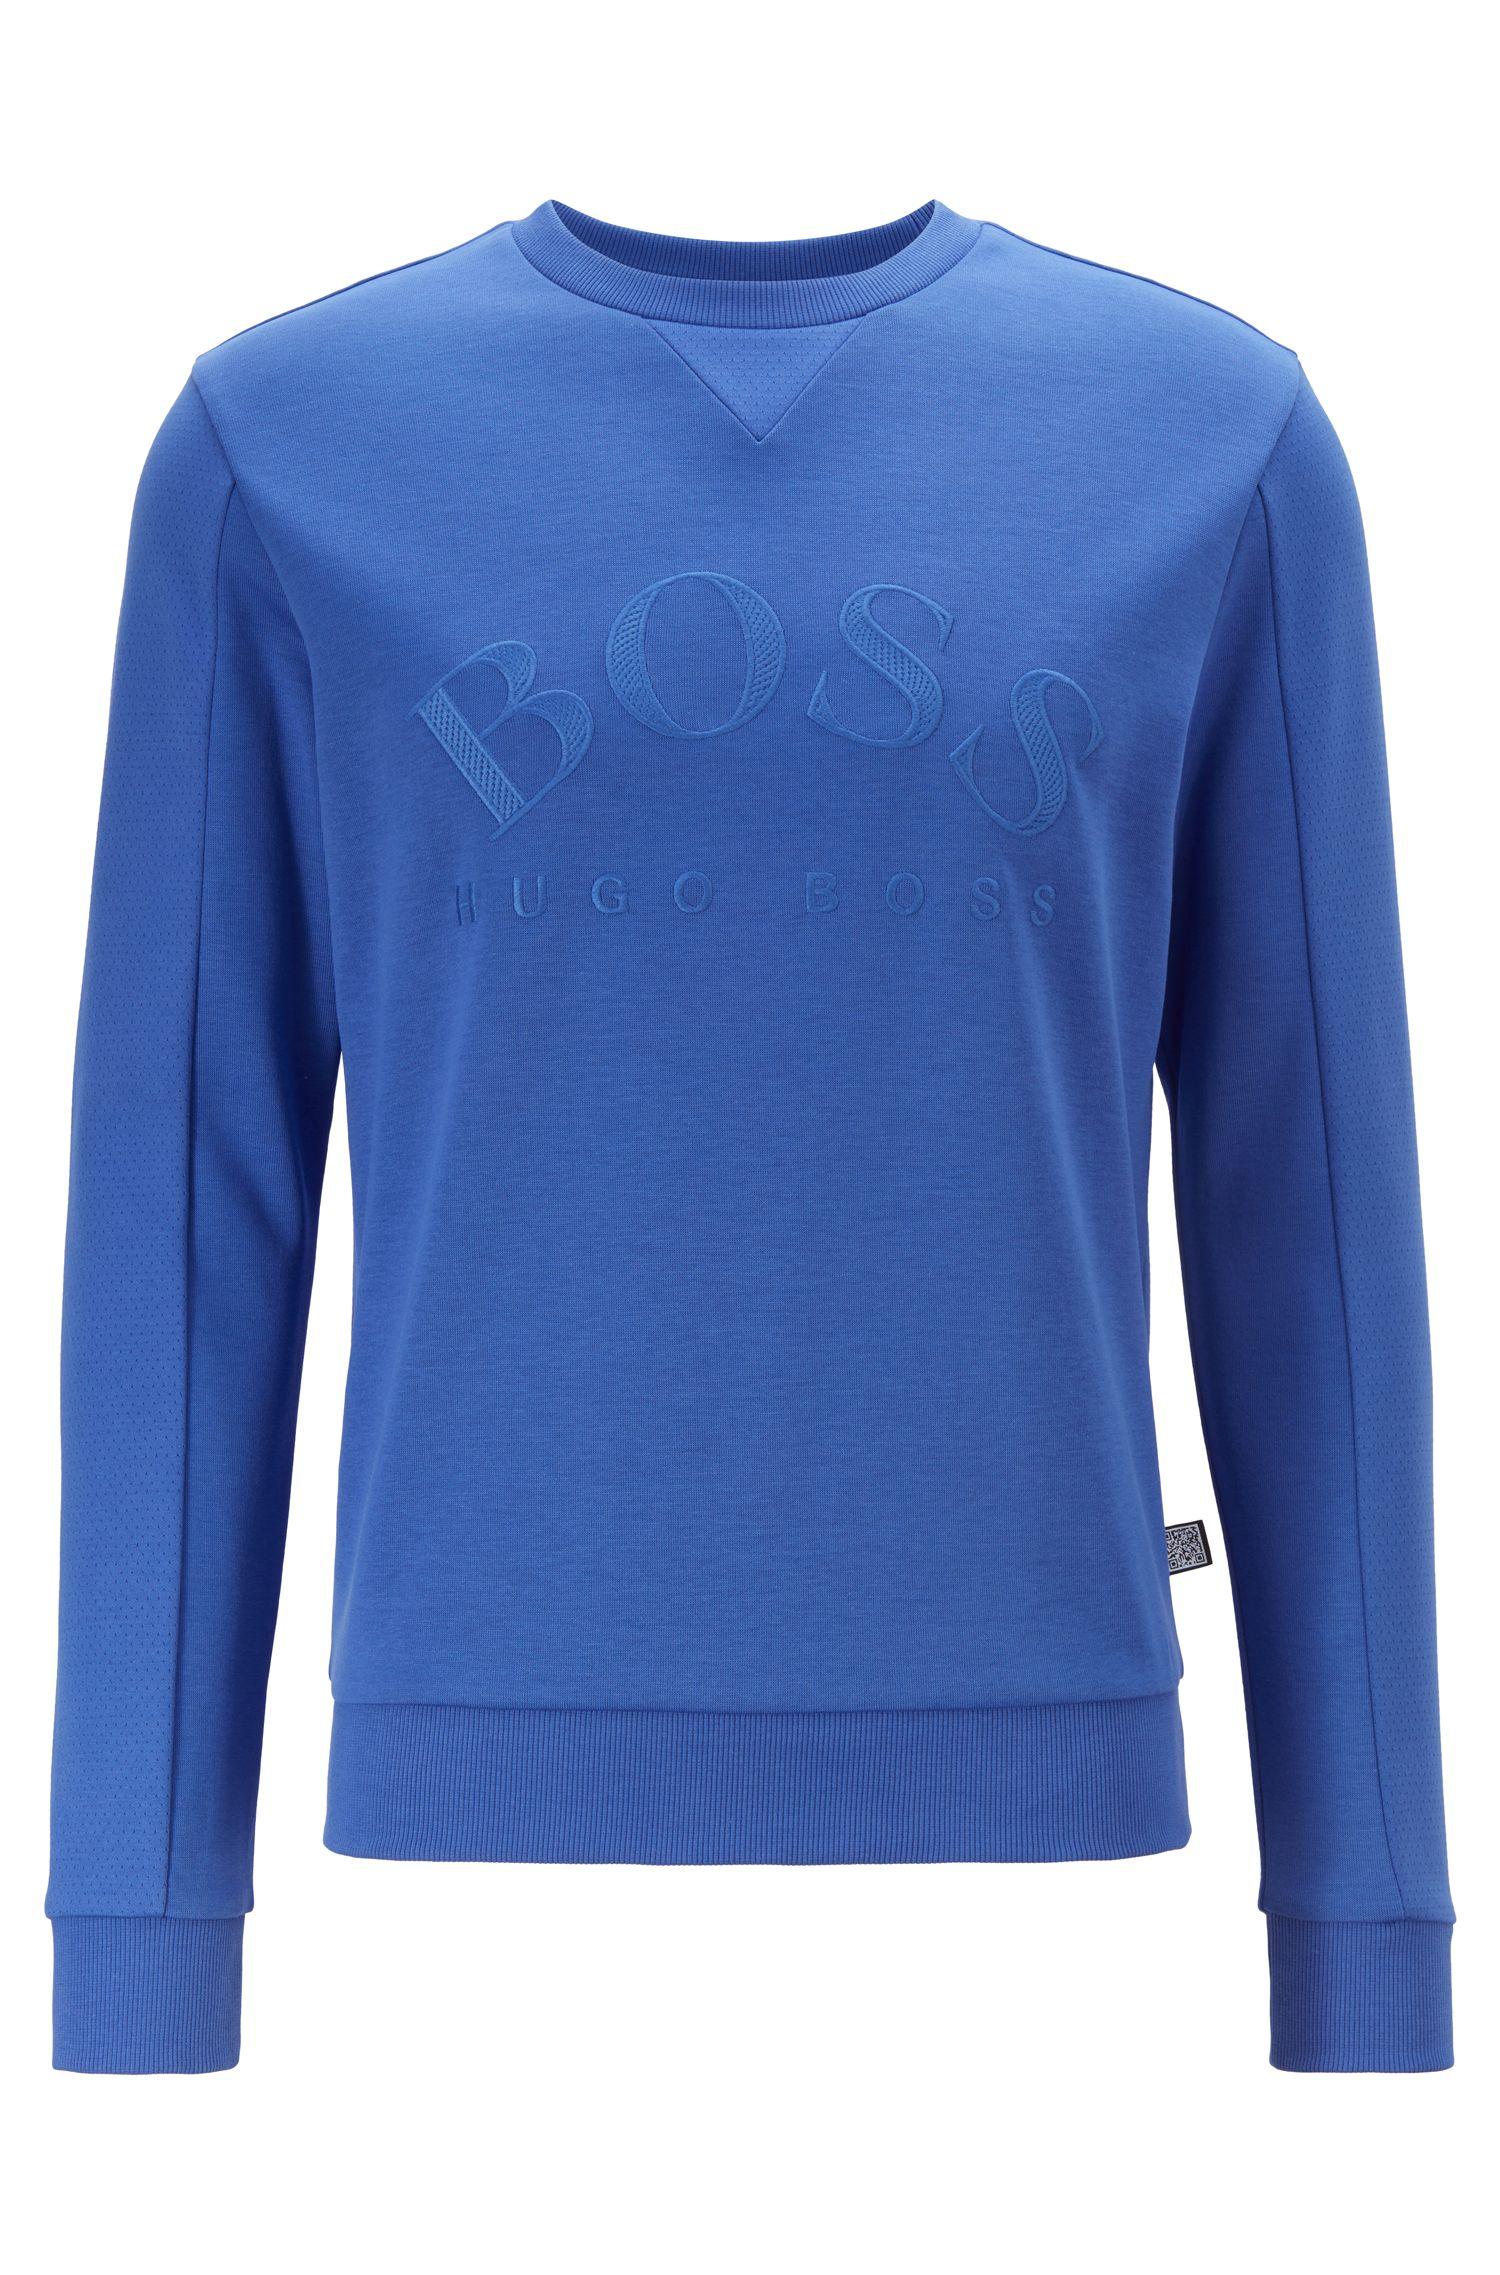 Slim-Fit Sweatshirt aus verschiedenen Geweben mit geschwungenem Logo, Blau